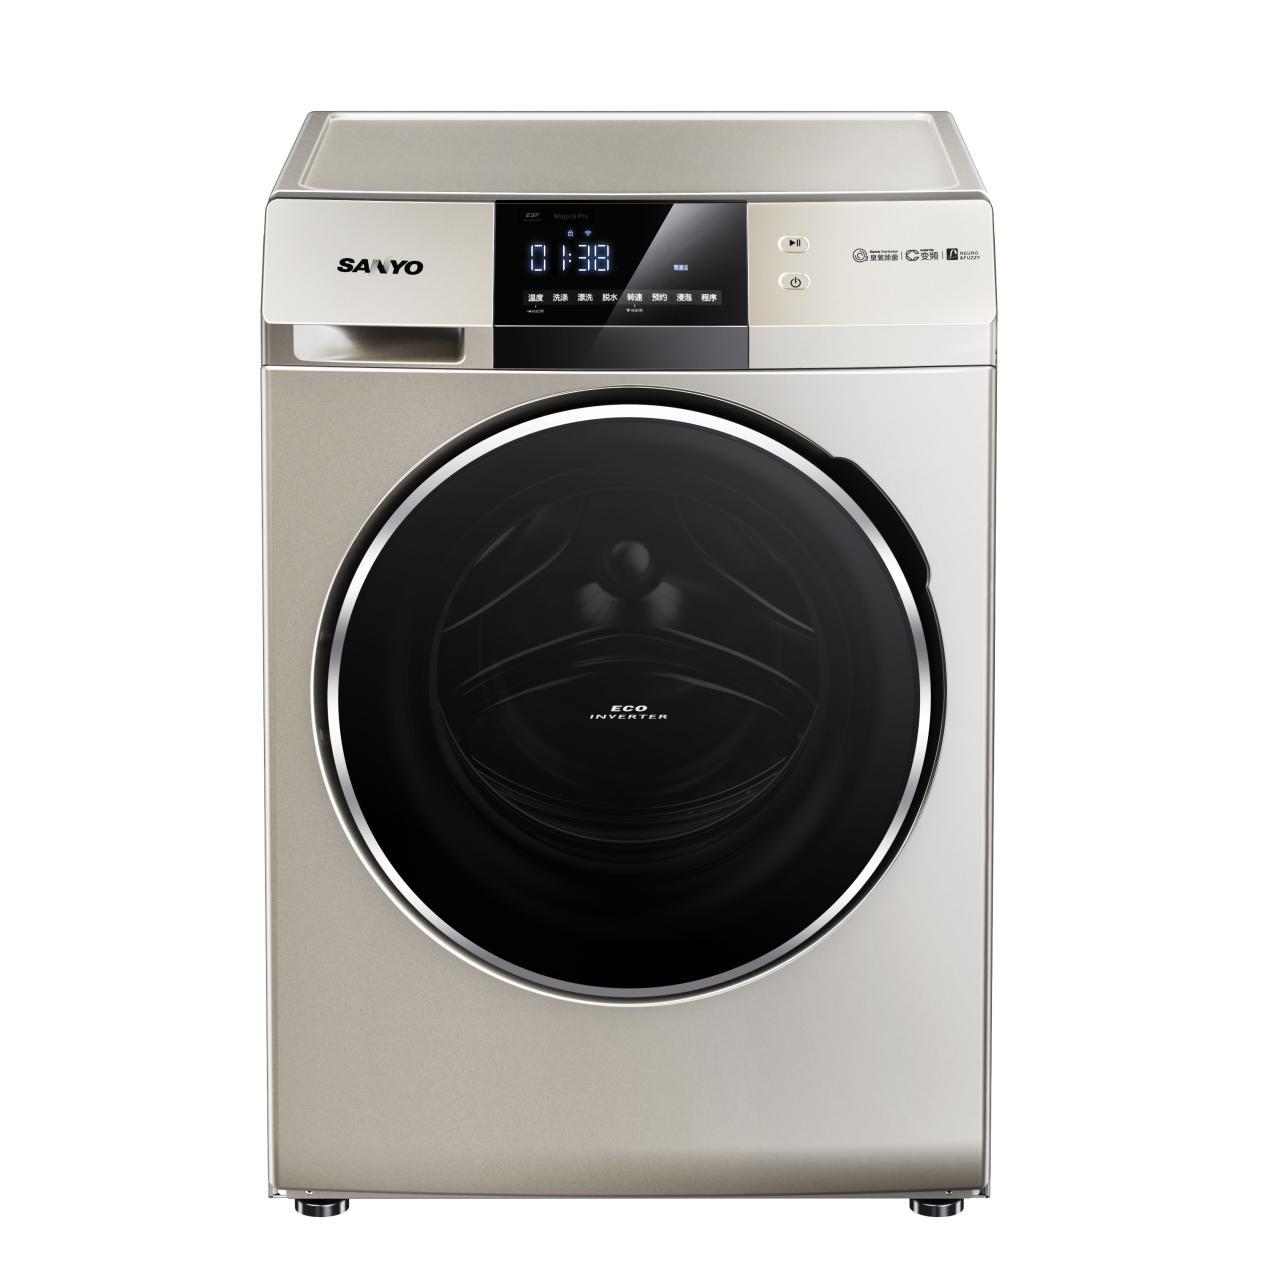 2019年洗衣机品牌排行_海信 hisense XQG70 X1001S 7公斤 滚筒式洗衣机 白色